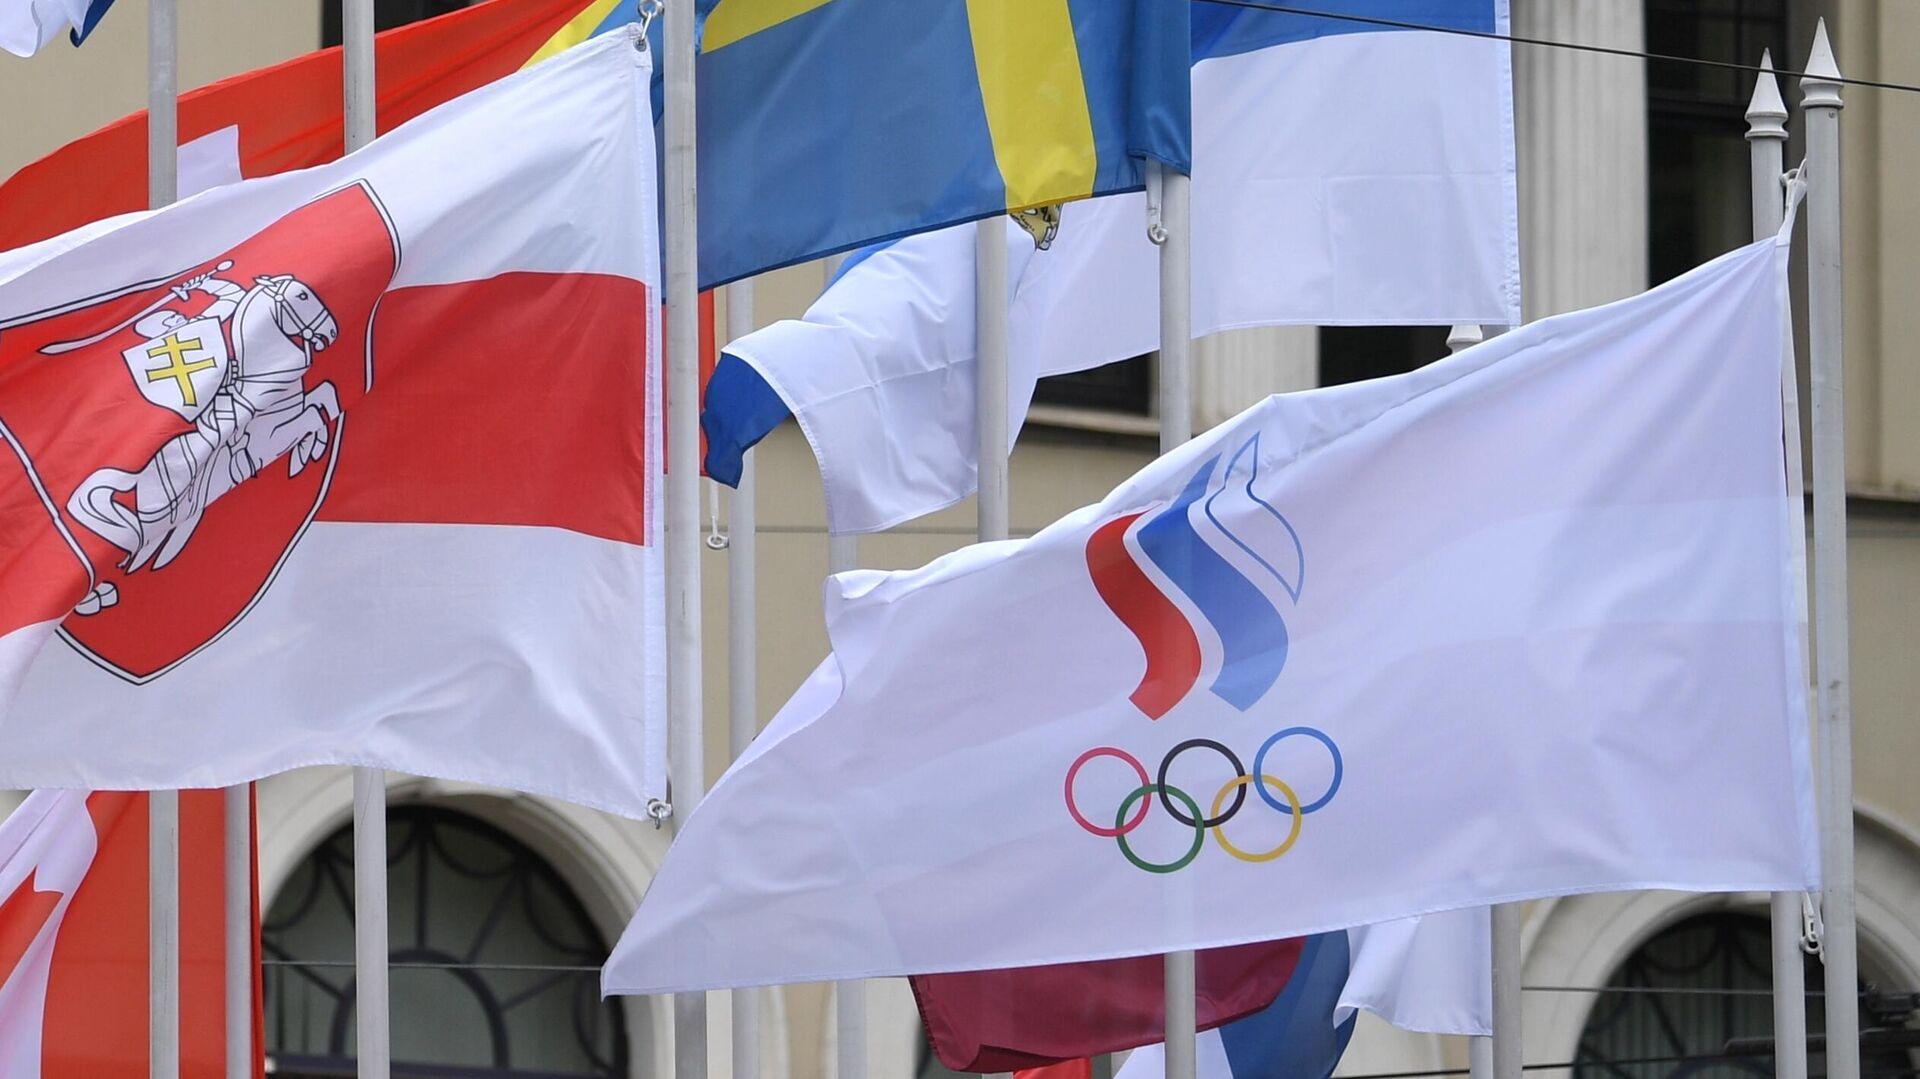 В Госдуме предложили ответить Латвии запретом рижских шпрот